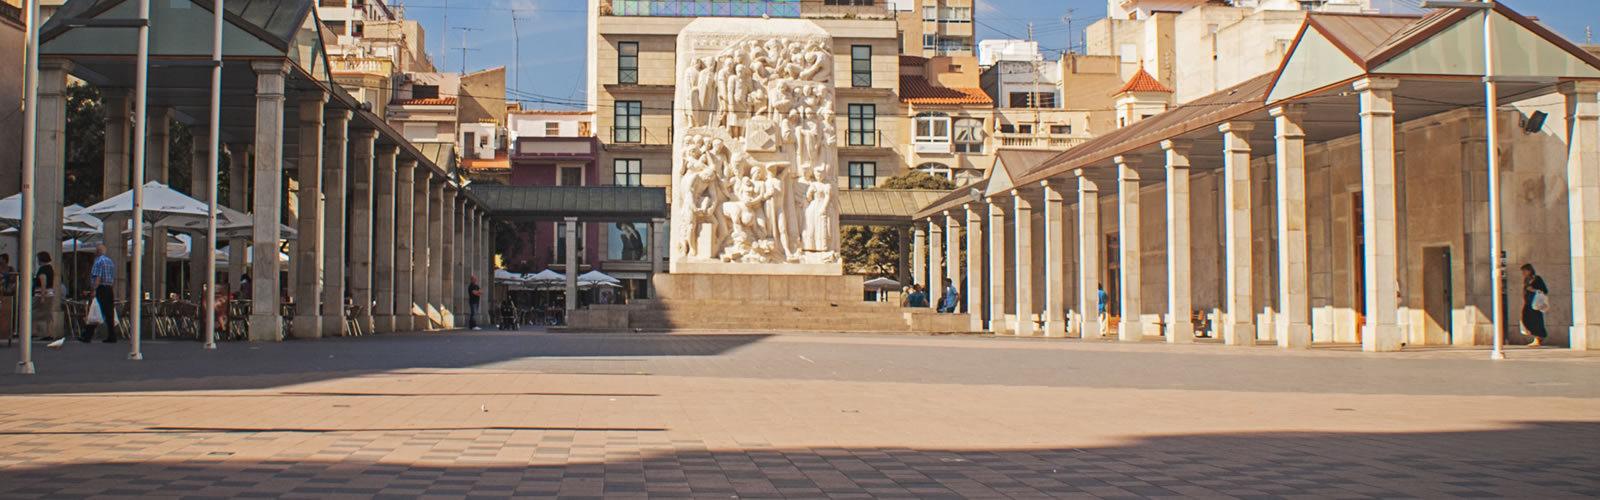 Colegio de administraci n de fincas - Colegio de administradores de fincas de barcelona ...